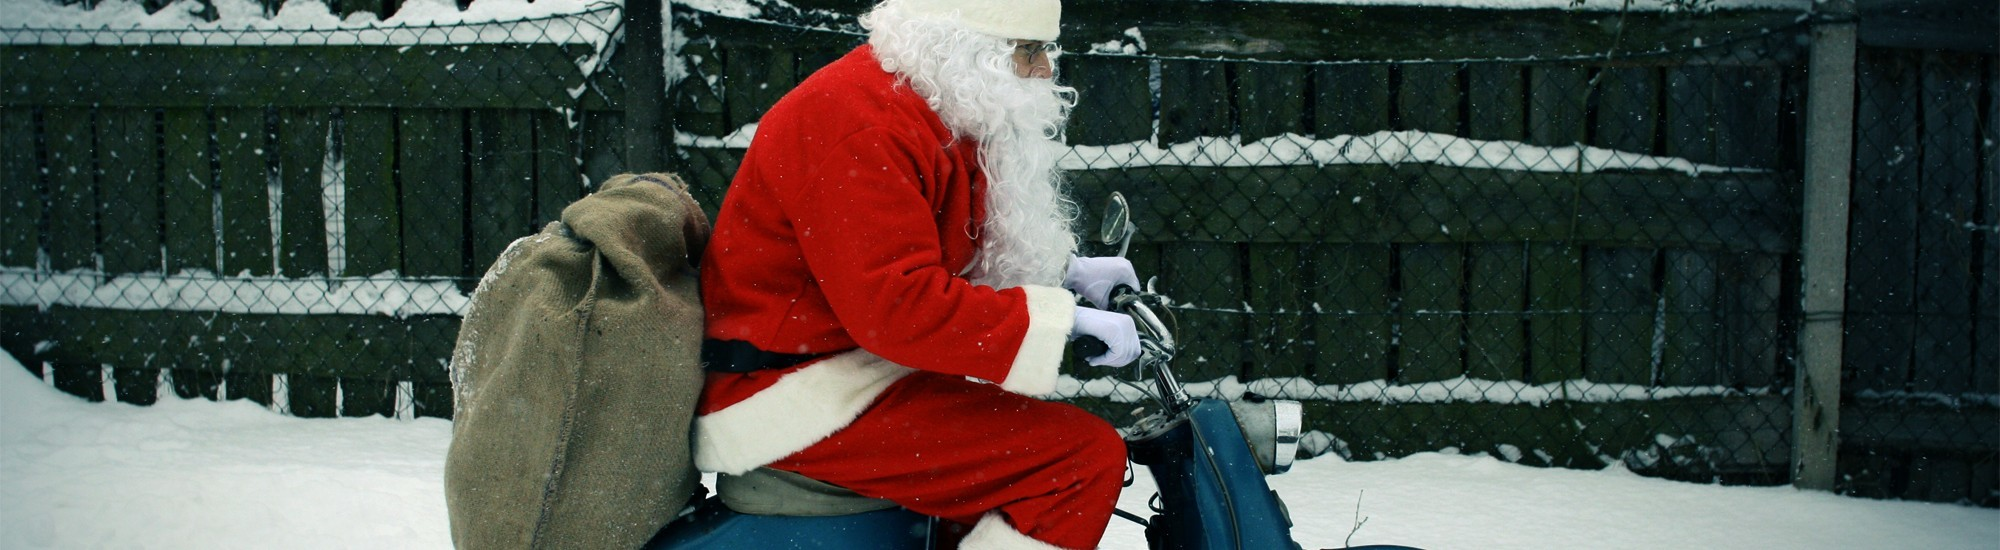 Weihnachtsmann auf dem Mofa.